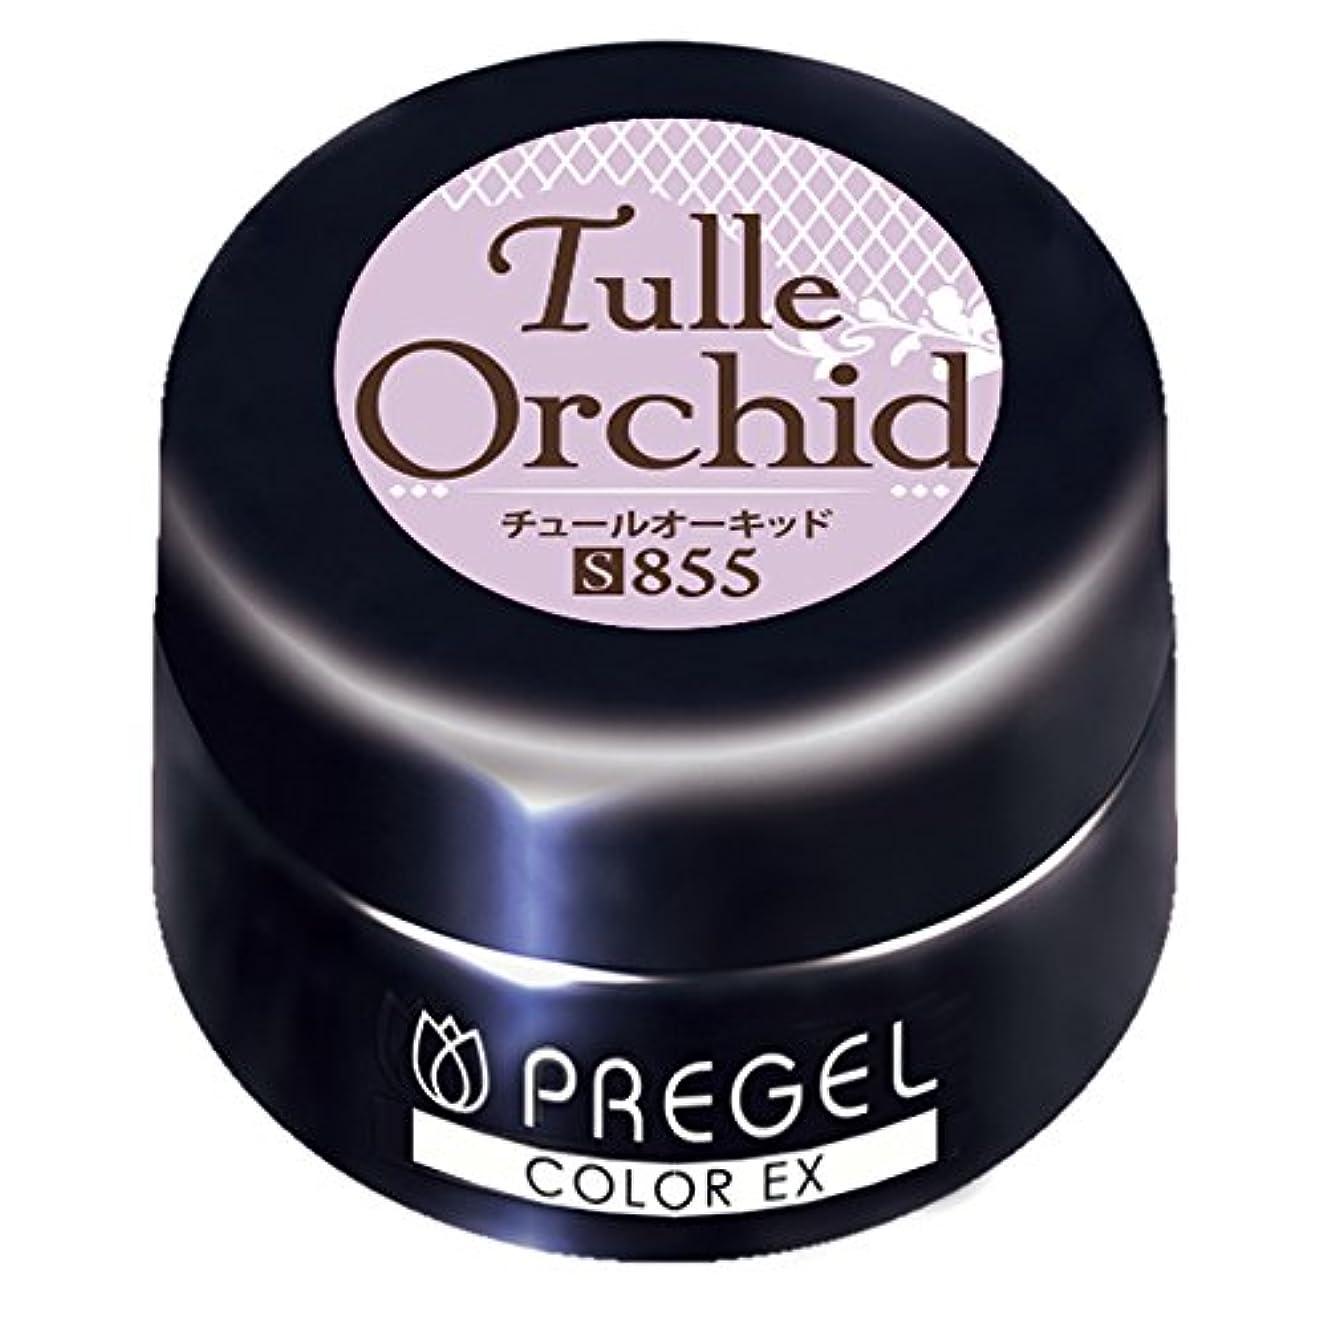 乗算軍気楽なPRE GEL カラーEX チュールオーキッド855 3g UV/LED対応 カラージェル